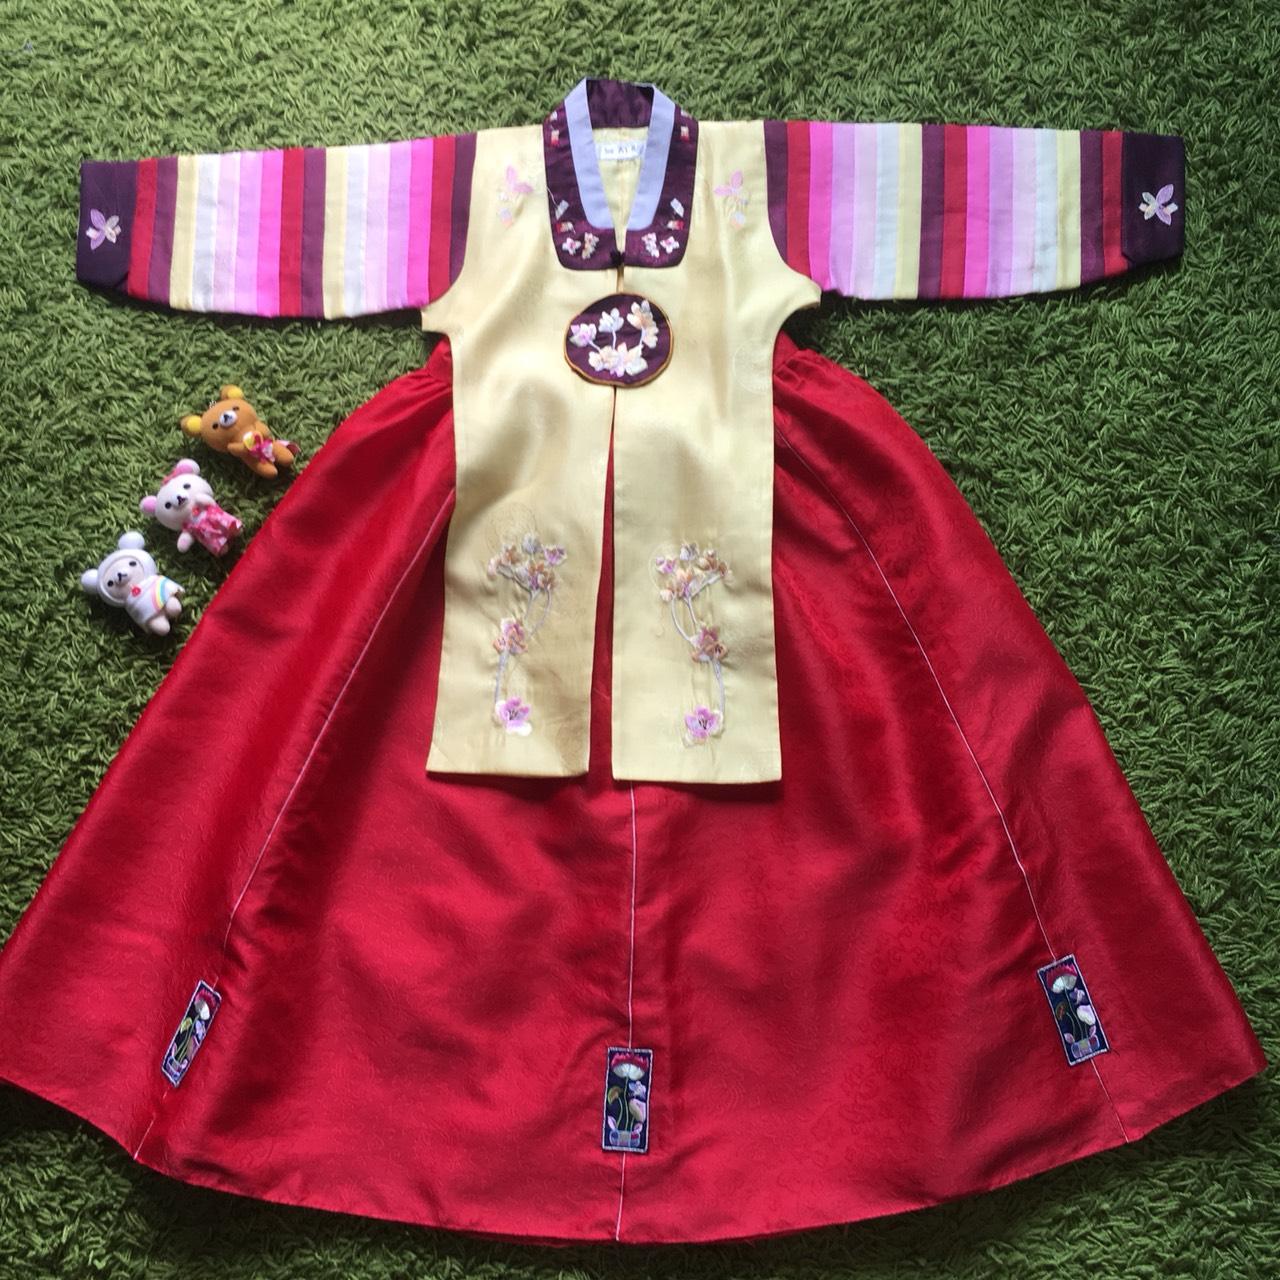 Hanbok Girl ฮันบกชาววังสีเหลือง สำหรับเด็ก 6 ขวบ